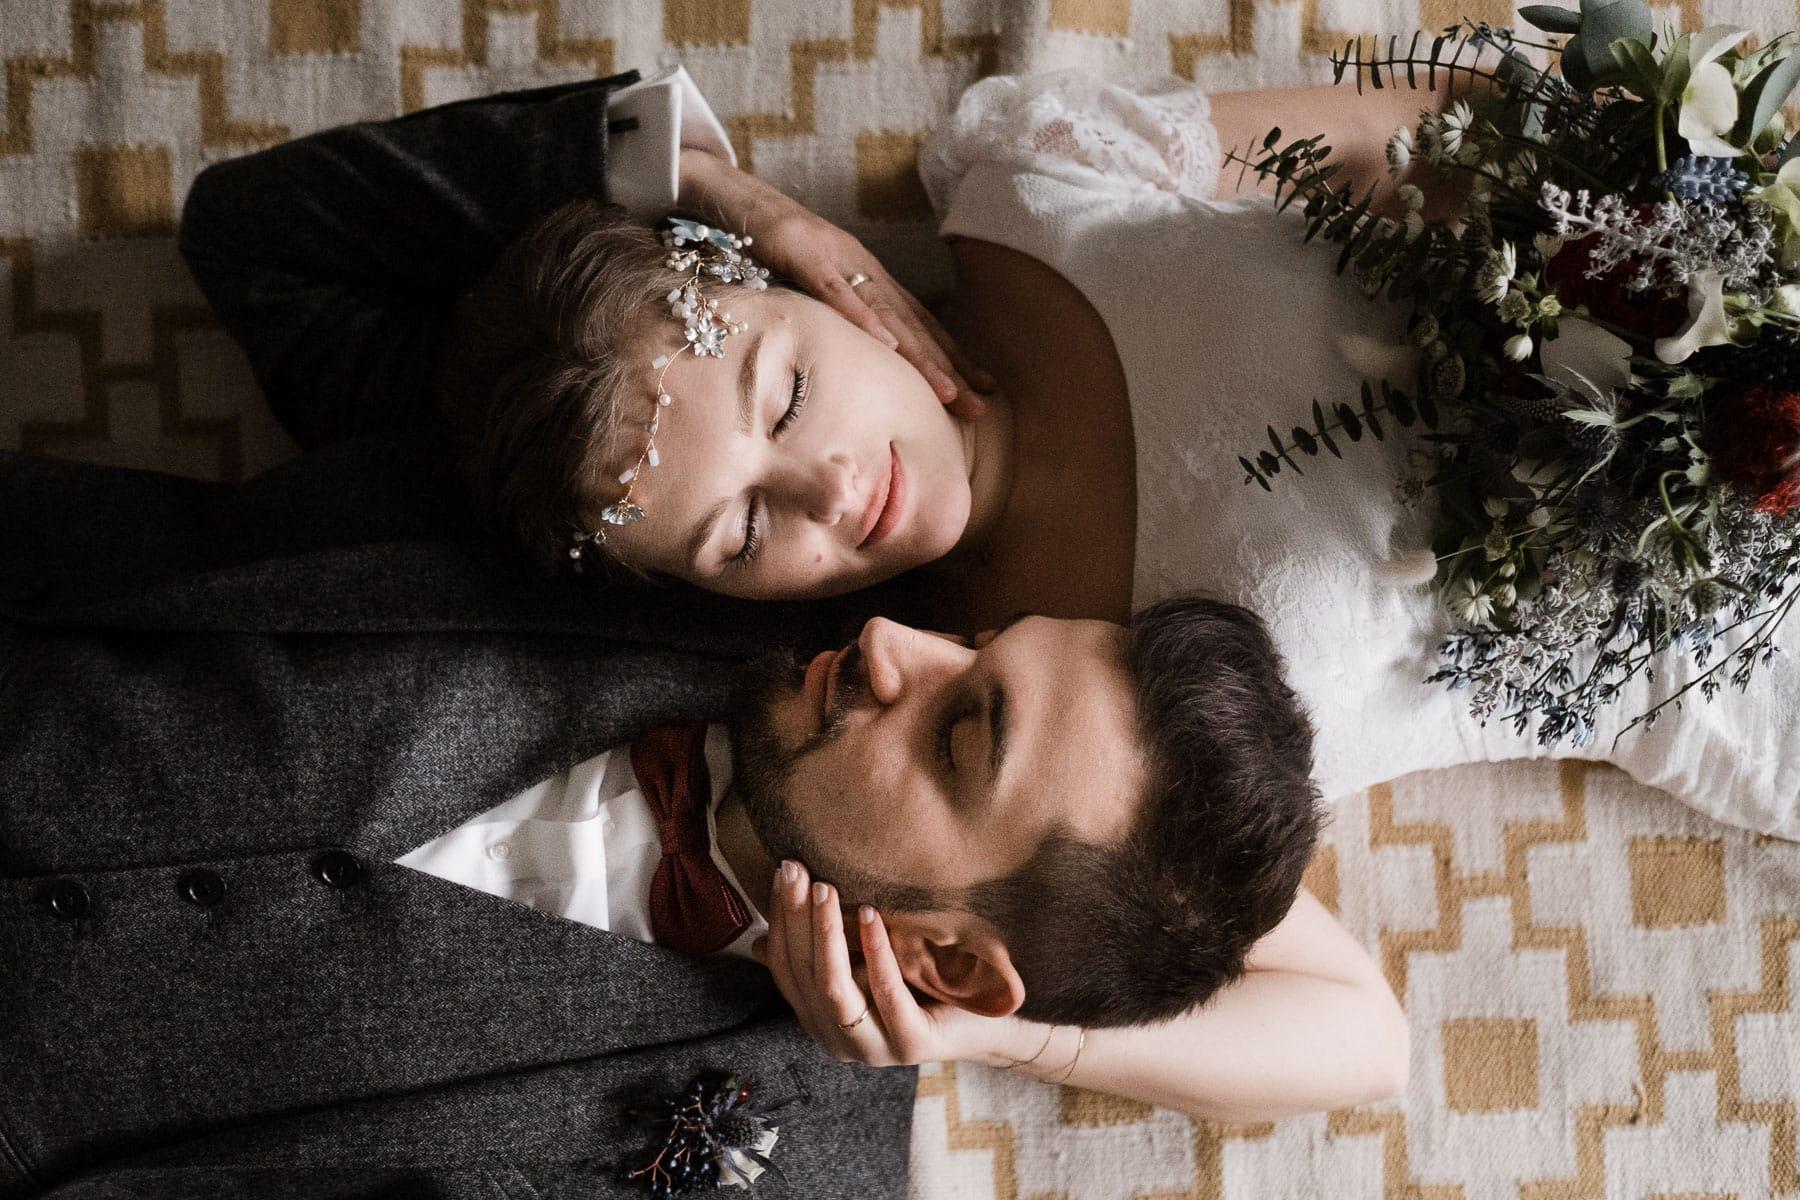 das Brautpaar liegt auf einem Retro-Teppich, nur ihre Köpfe berühren sich, der Bräutigam liegt mit dem Kopf auf den Arm der Braut, beide haben geschlossne Augen